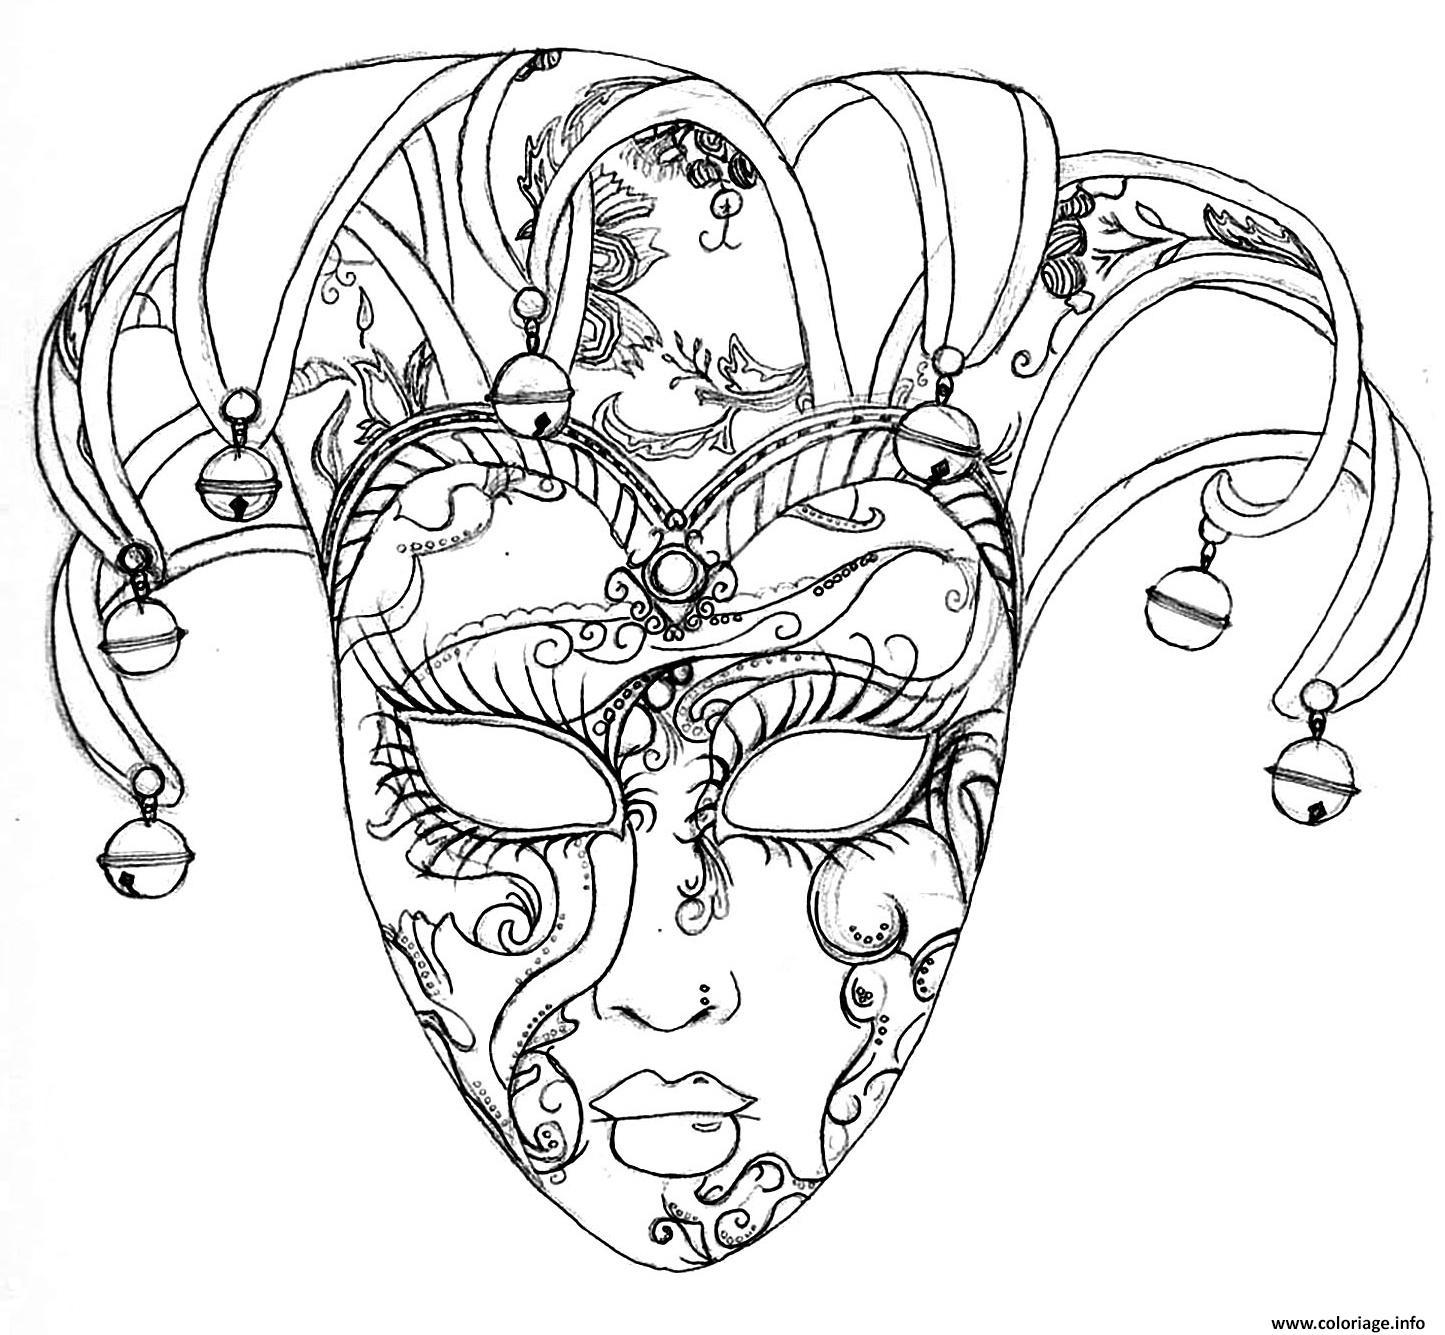 Coloriage Masque Carnaval Gratuit.Coloriage Masque Du Carnaval De Venise Dessin